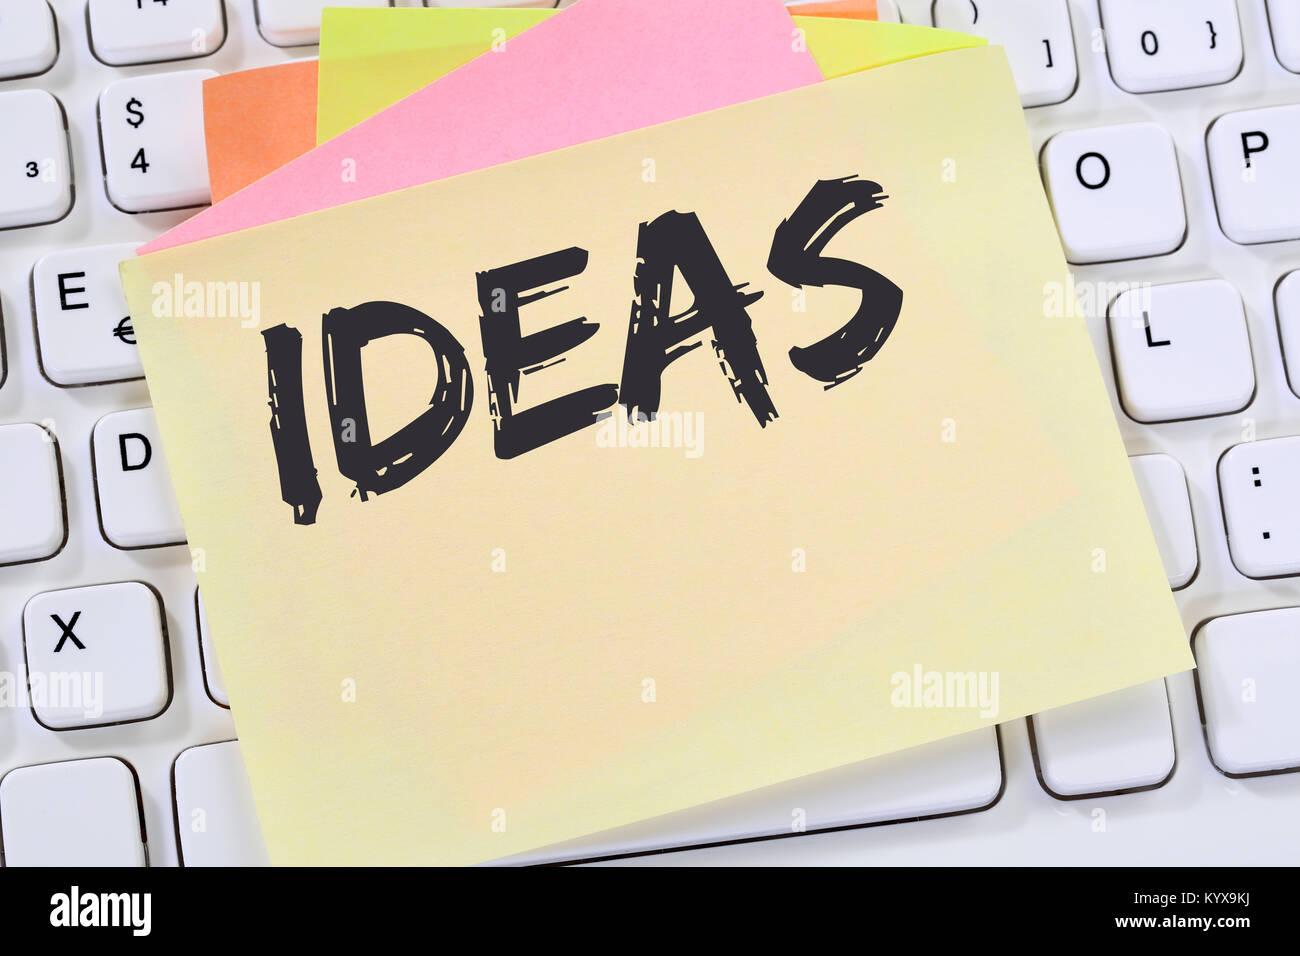 Le succès de la créativité croissance idées idée créative concept note papier clavier Photo Stock